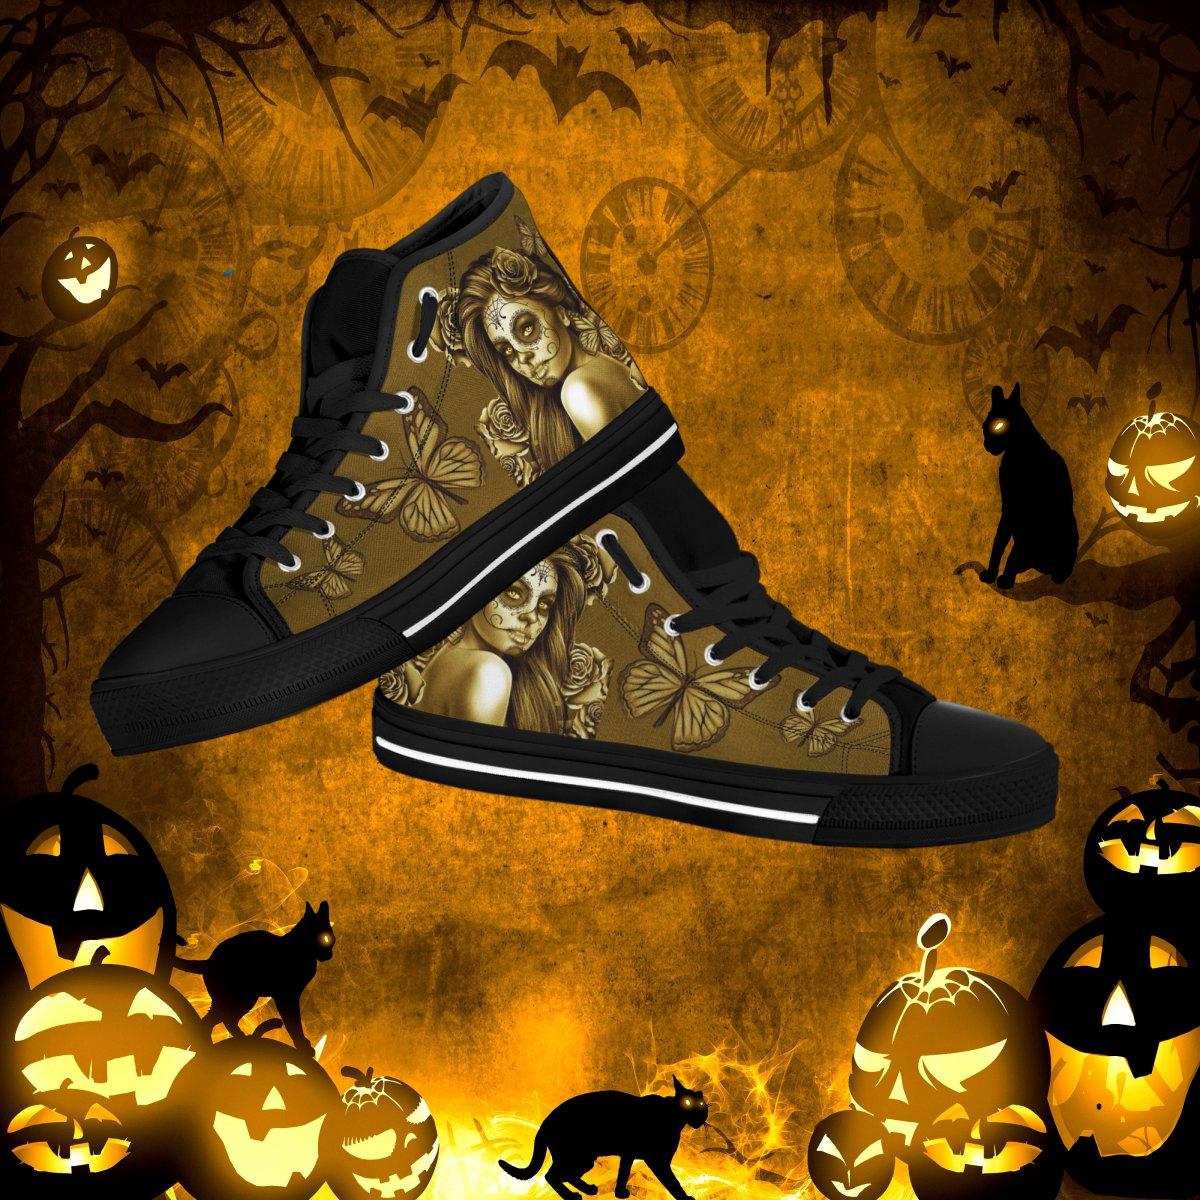 930c544ebe83 Calavera Women s High Top Canvas Shoes - Dia De Los Muertos (Day Of ...